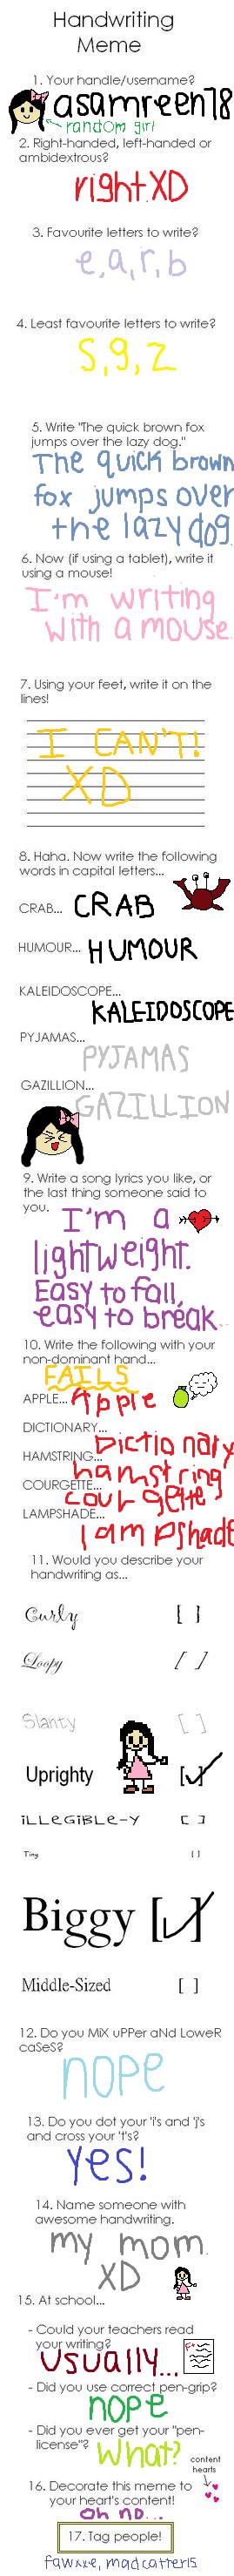 Handwriting Meme--FAIL! by asamreen78